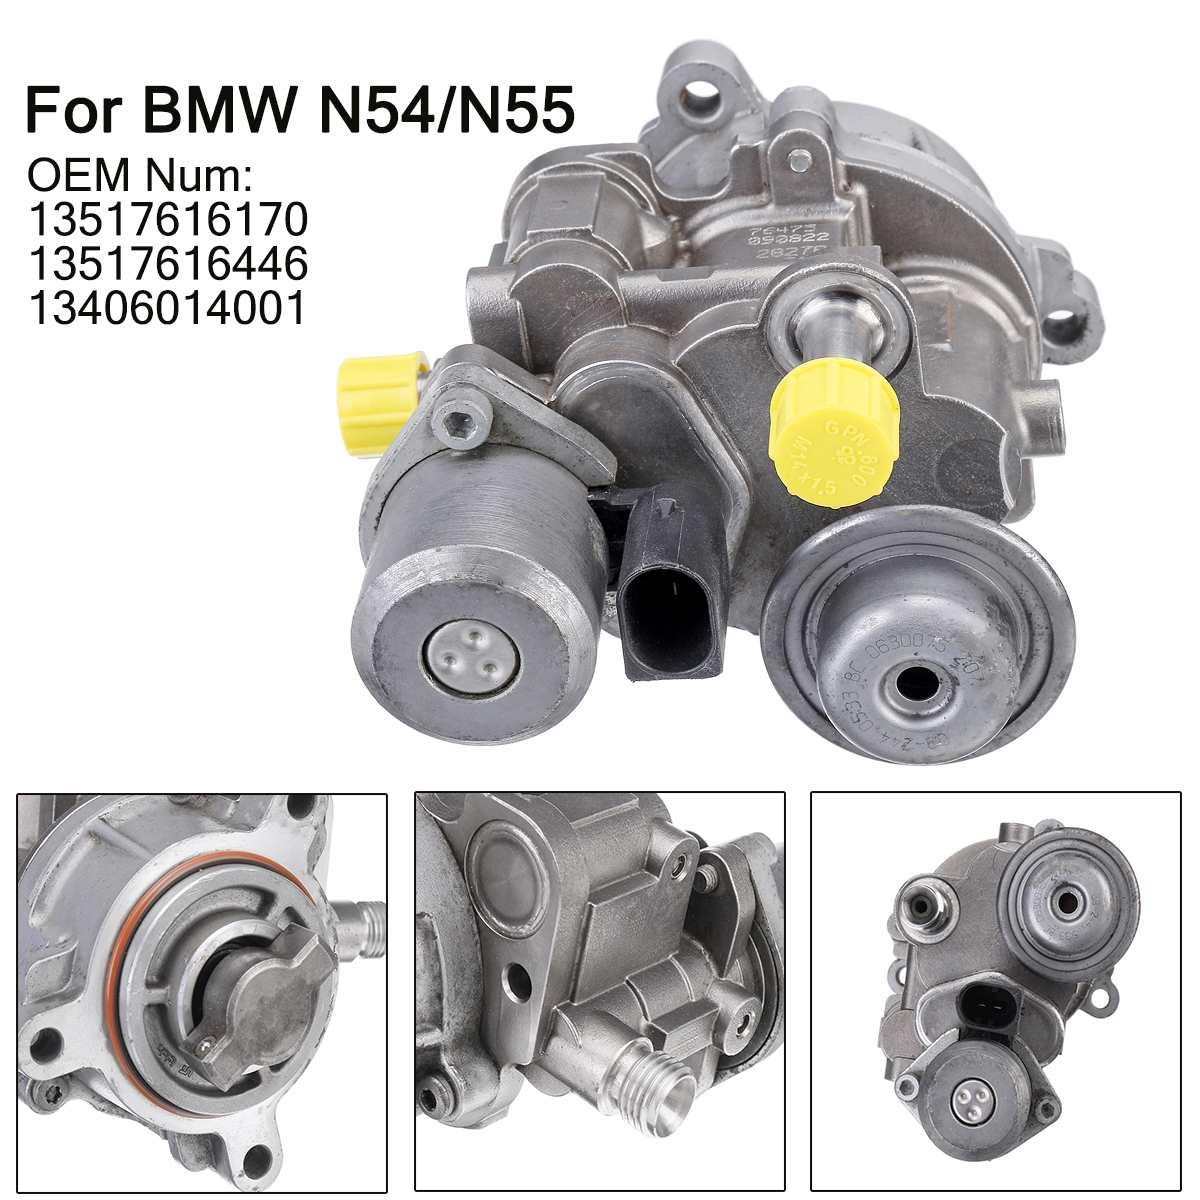 Hochdruck Kraftstoff Pumpe 13517616170 13517616446 13406014001 Für BMW N54/N55